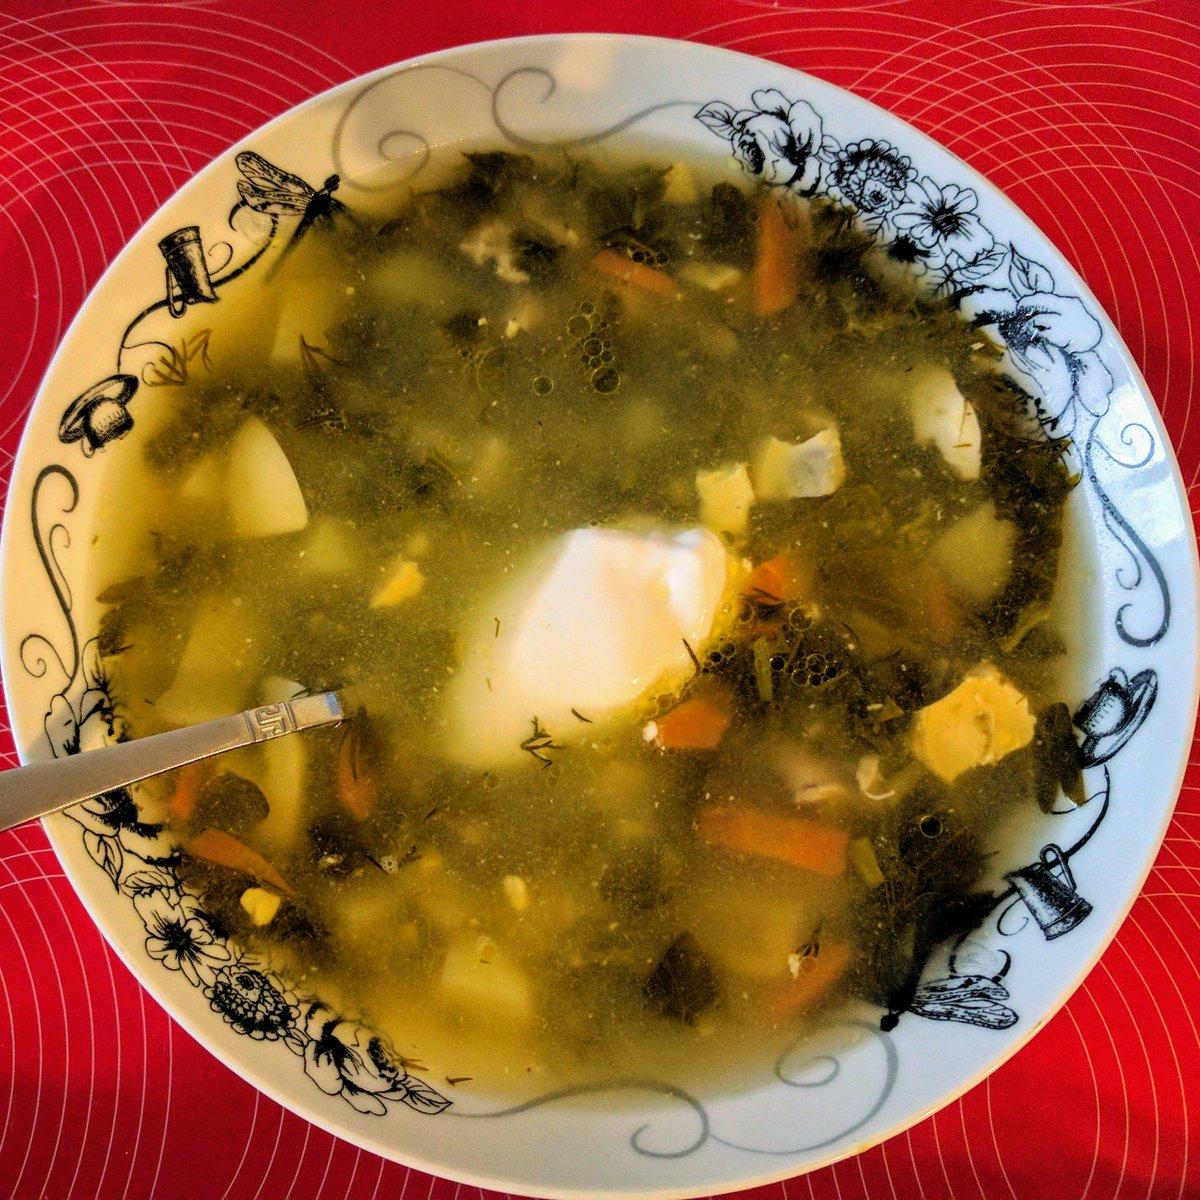 Проверенный рецепт приготовления супа с яйцом, шаг за шагом с фотографиями 44